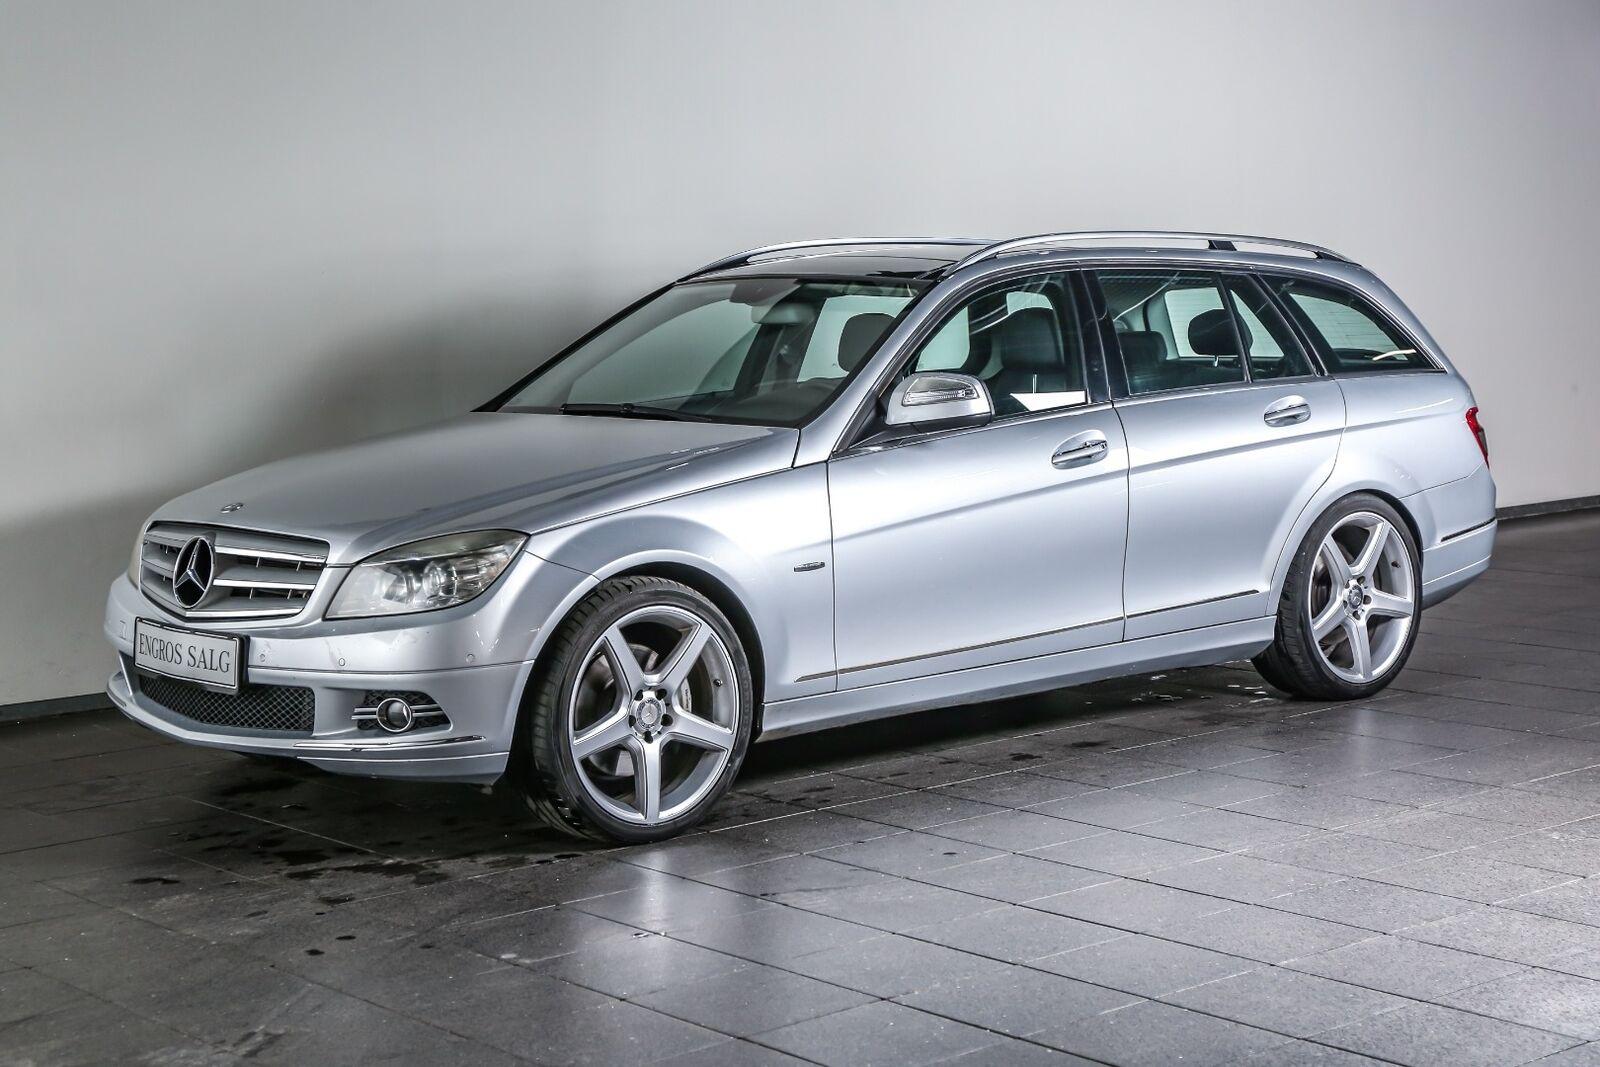 Mercedes-Benz C320 3,0 CDi Avantgarde stc. aut.